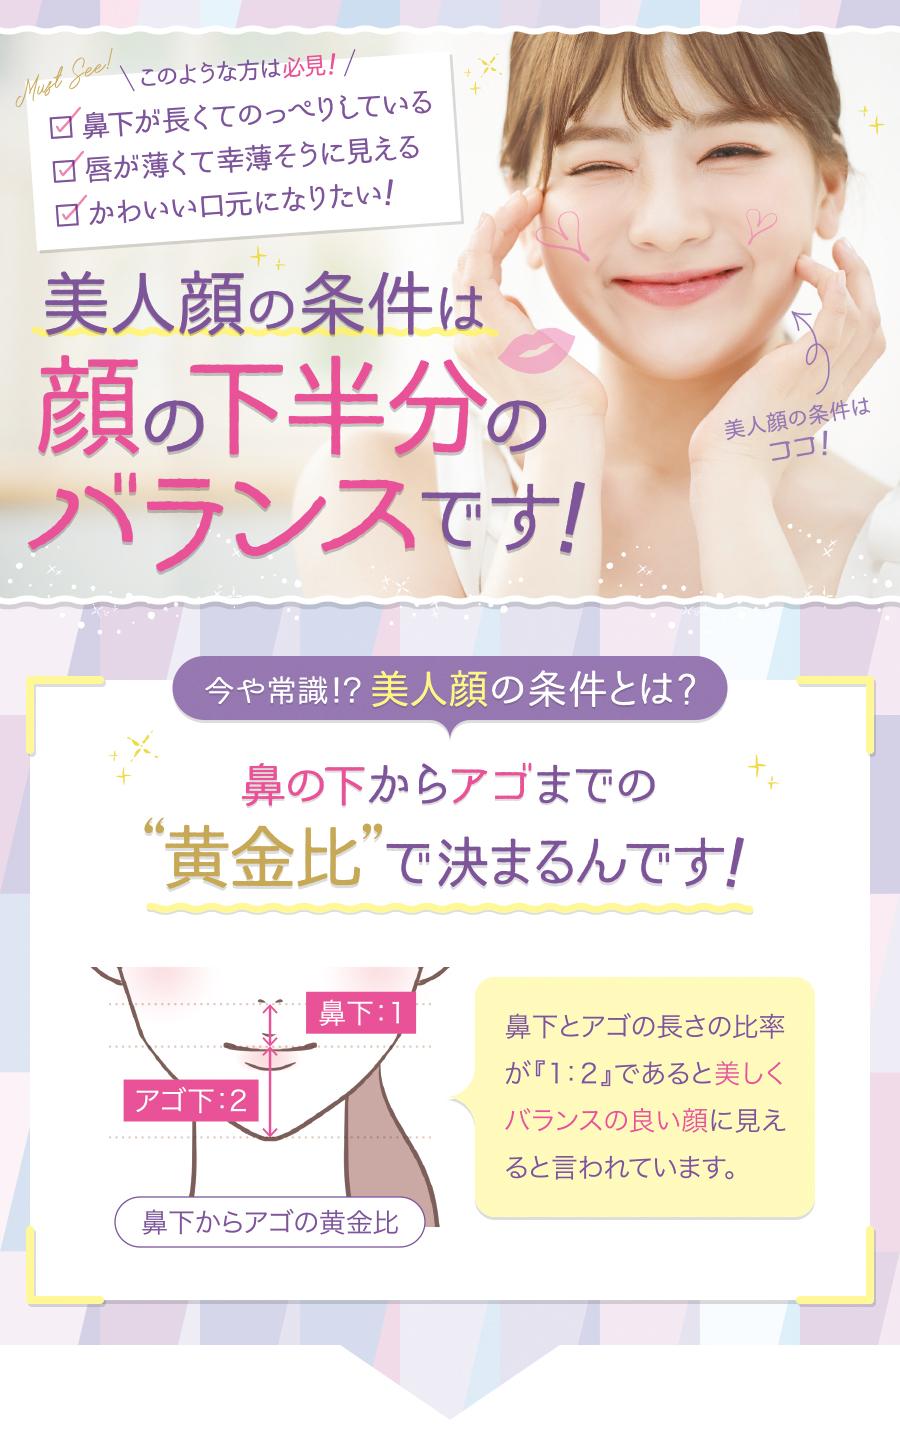 jinchu_koukaku_lp_01